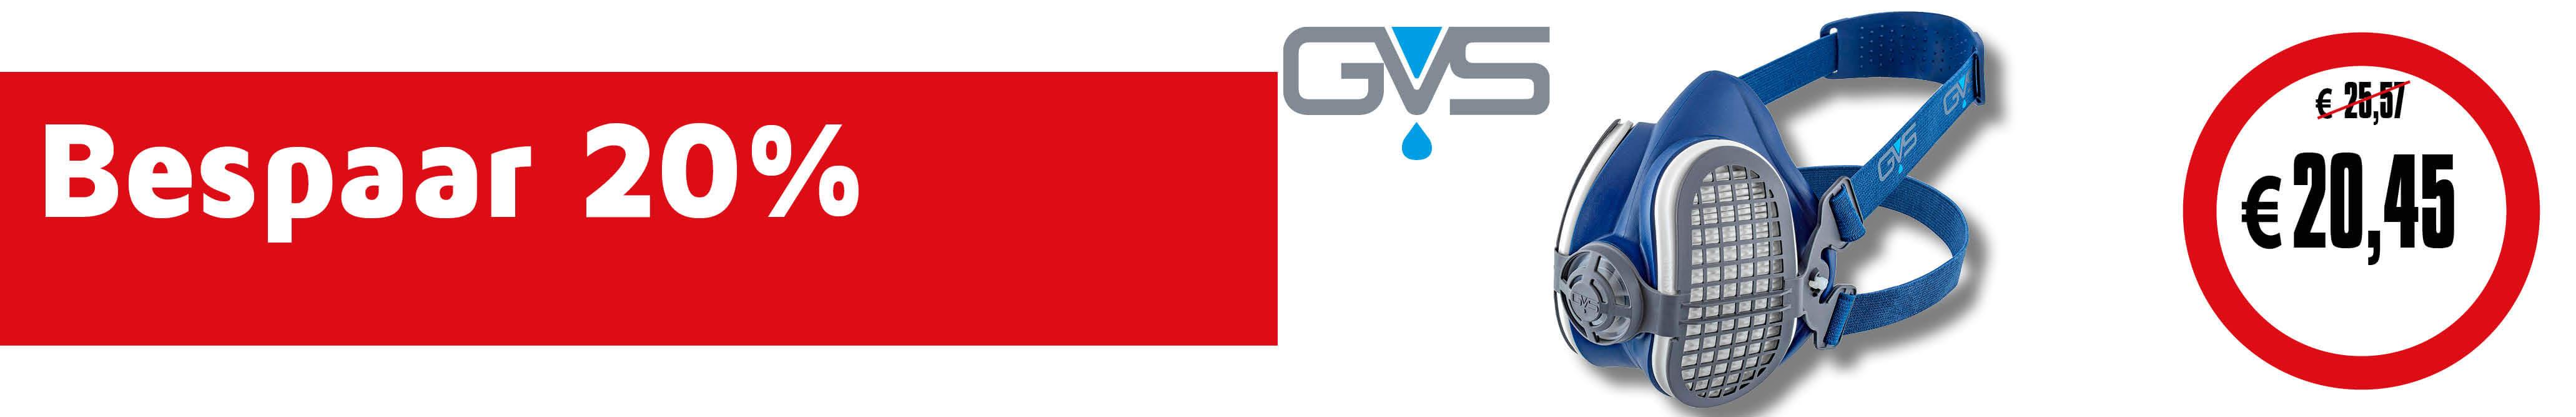 DPT100_990x160   GVS gelaatsmasker deal - Werkkleding #1-2